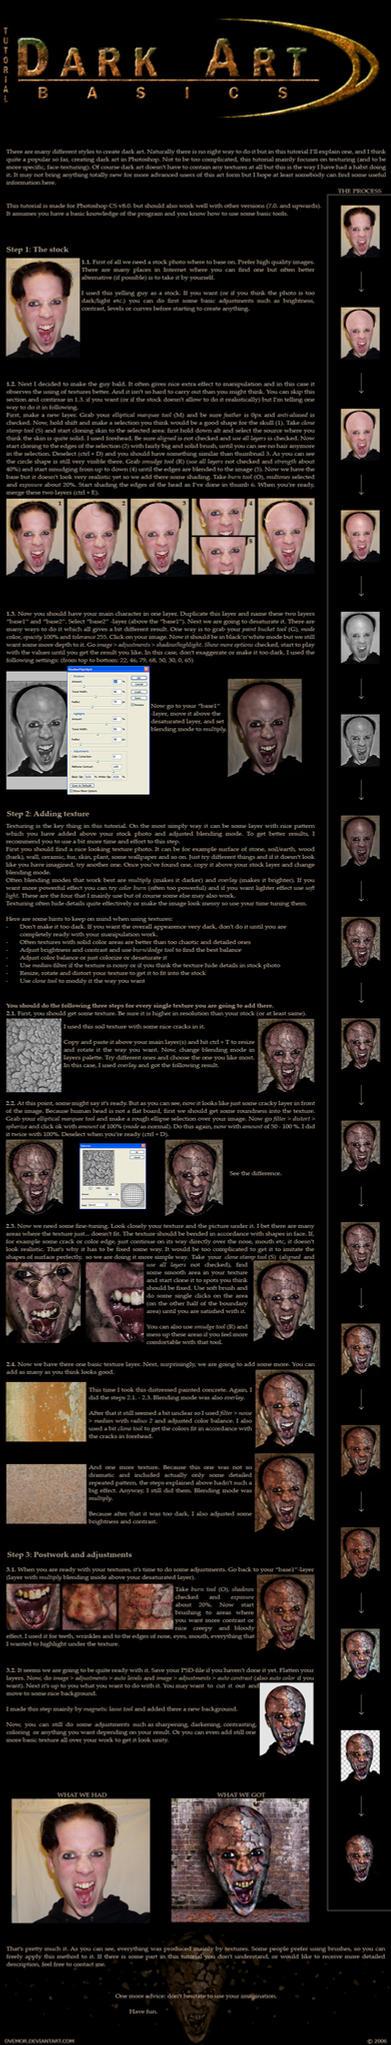 Dark Art basics - Tutorial by Dvemor